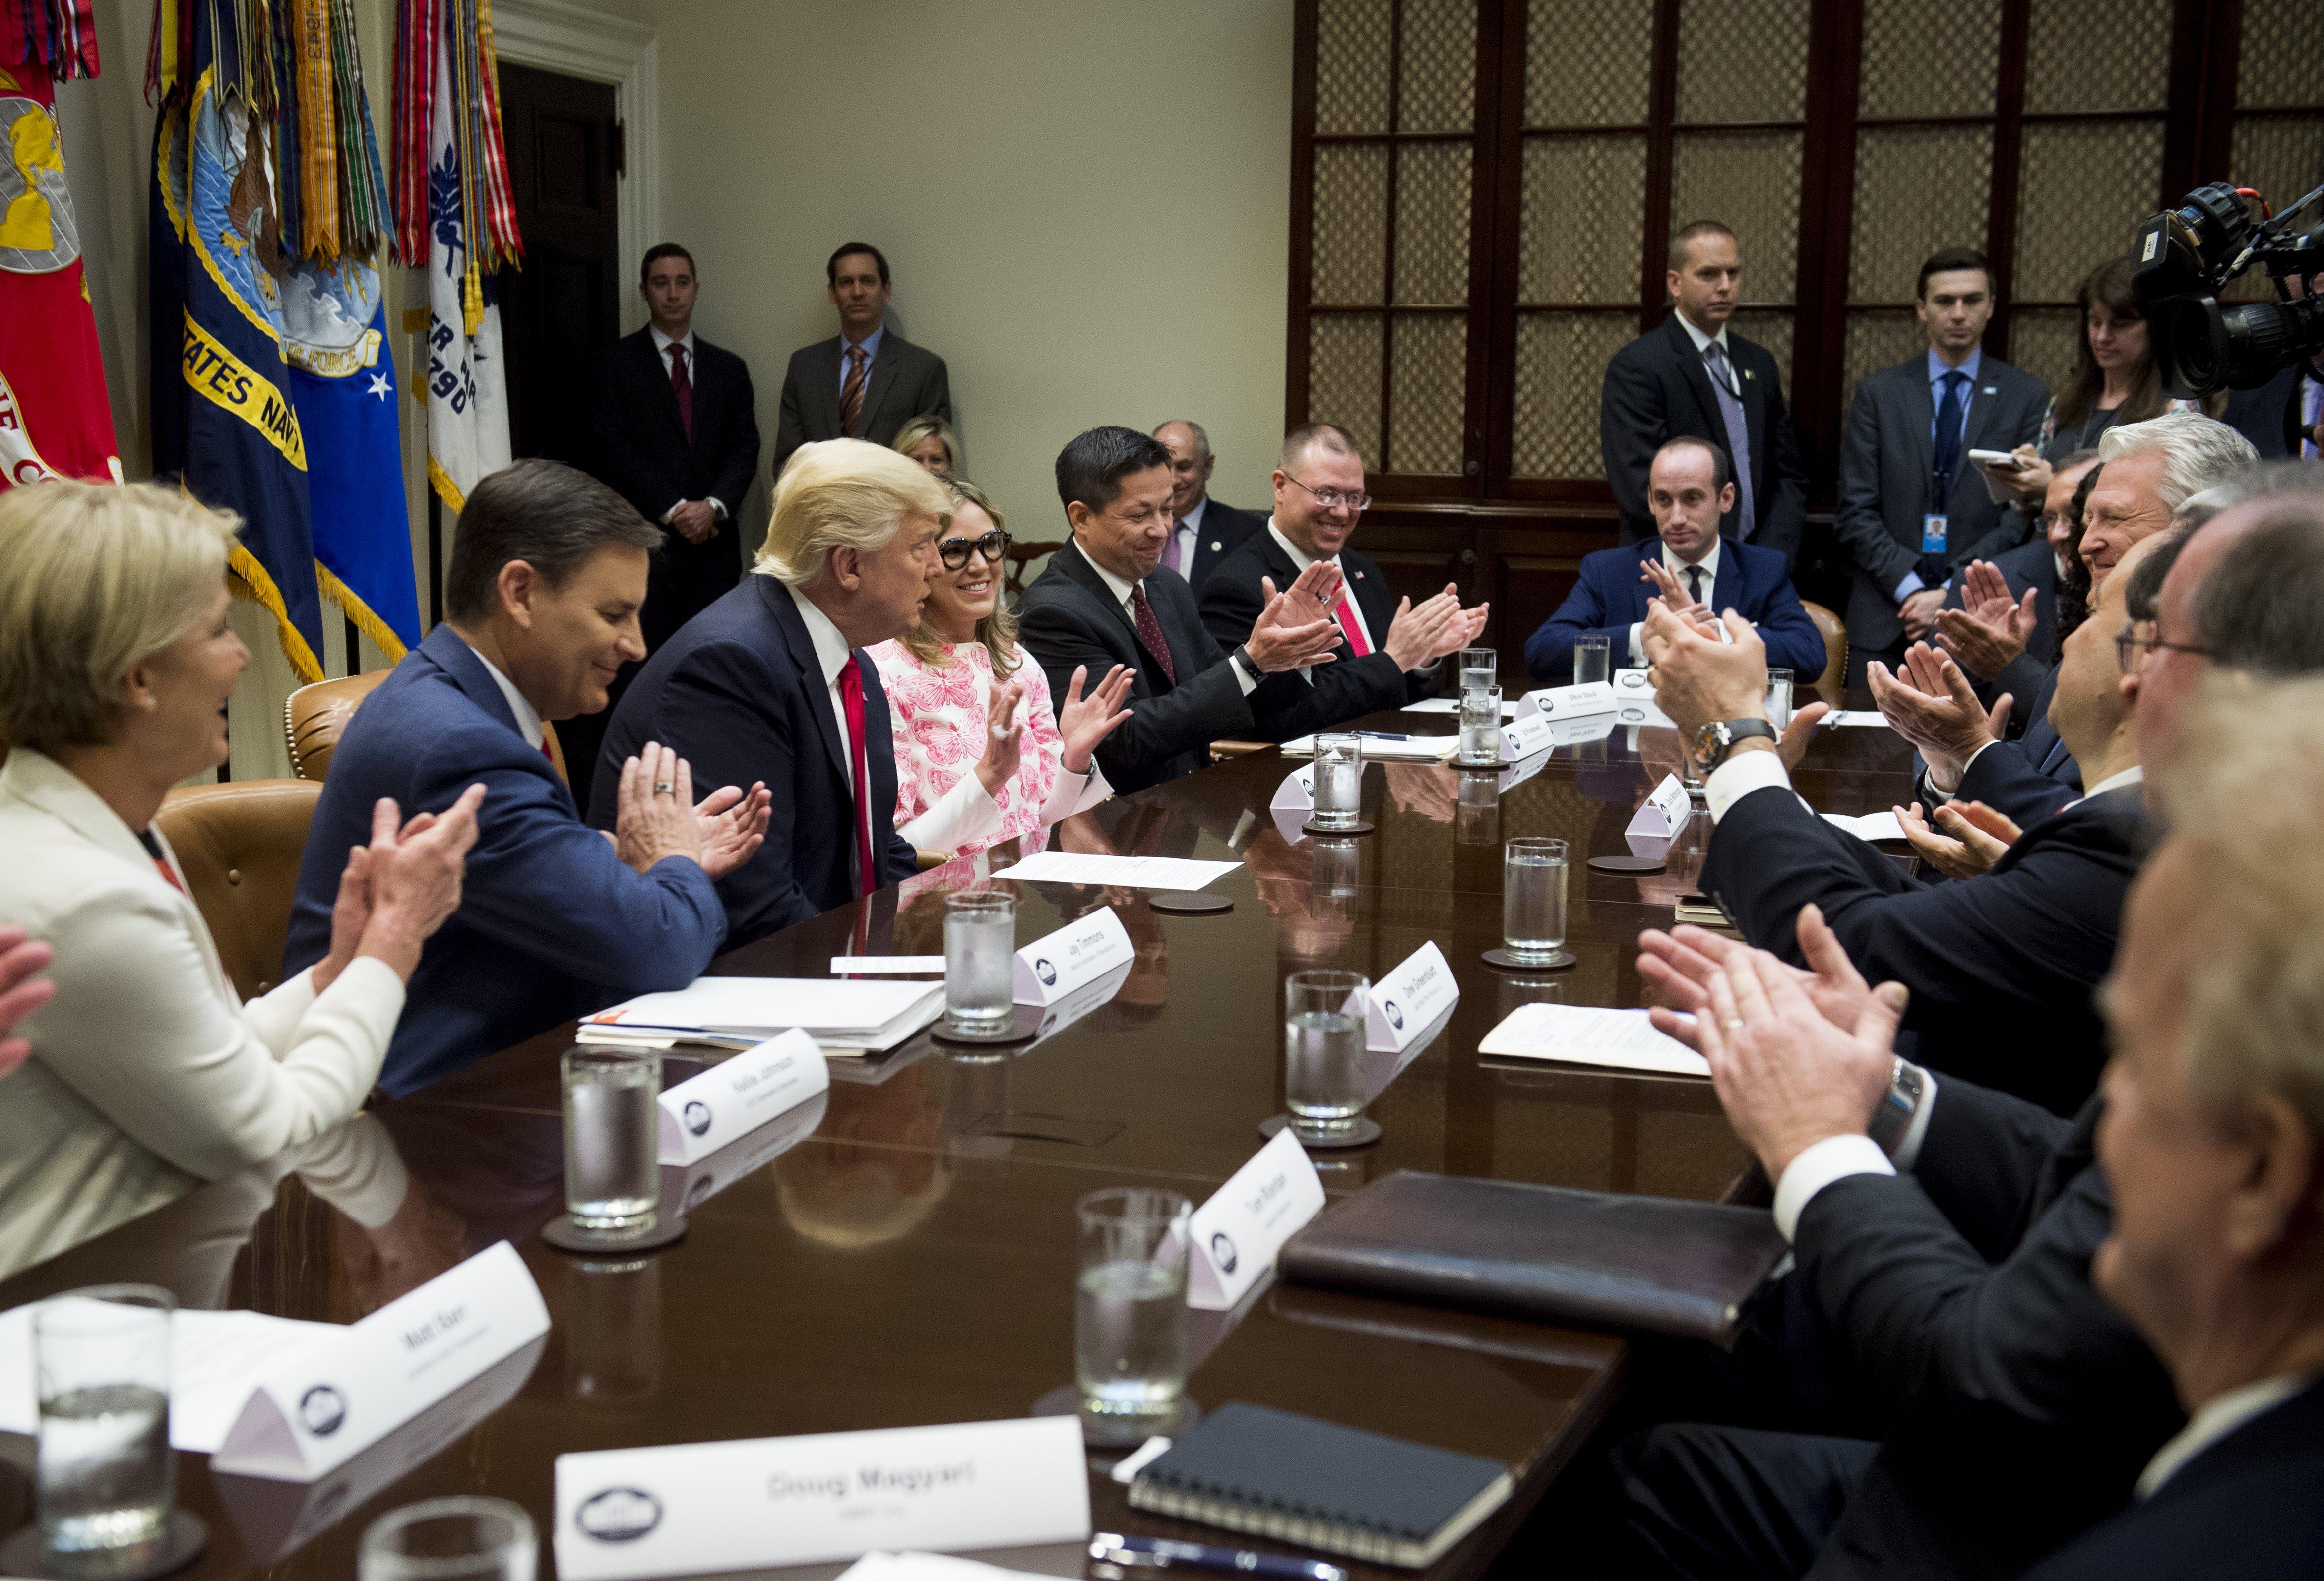 Amint megbukott Trump, kihátrált mögüle a nagy pénz